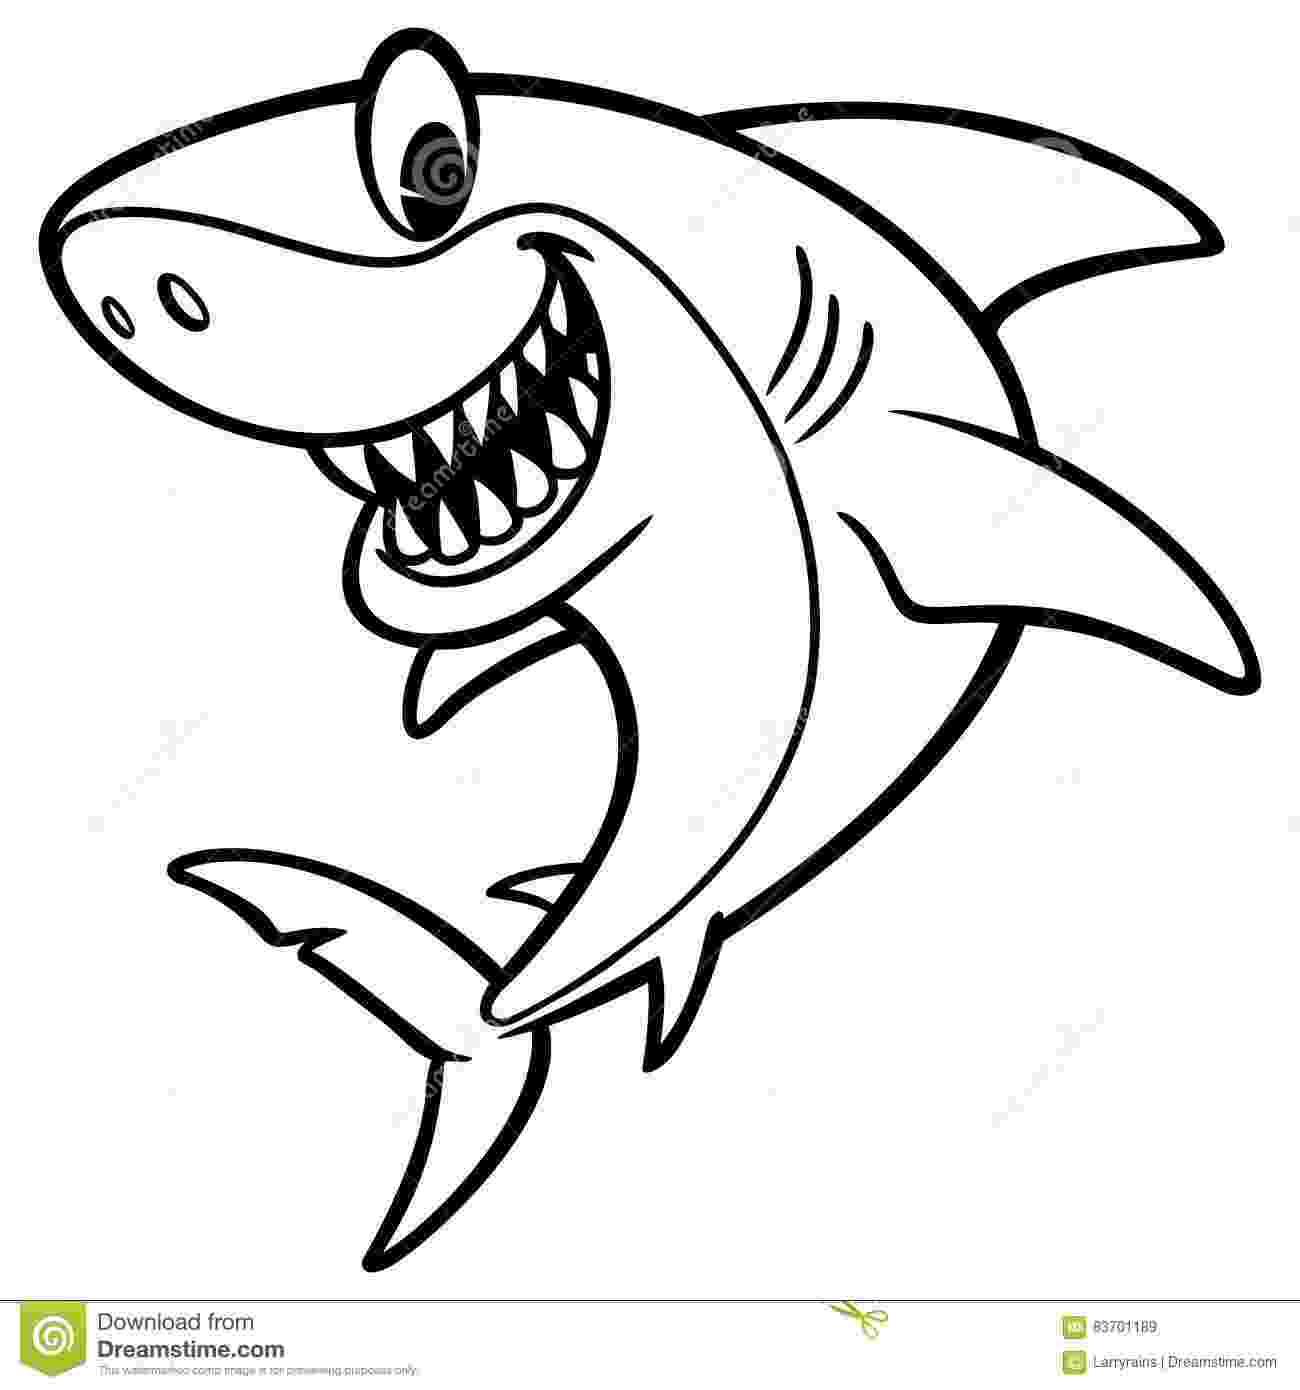 tiburones para dibujar shark cartoon drawing stock vector illustration of tiburones dibujar para